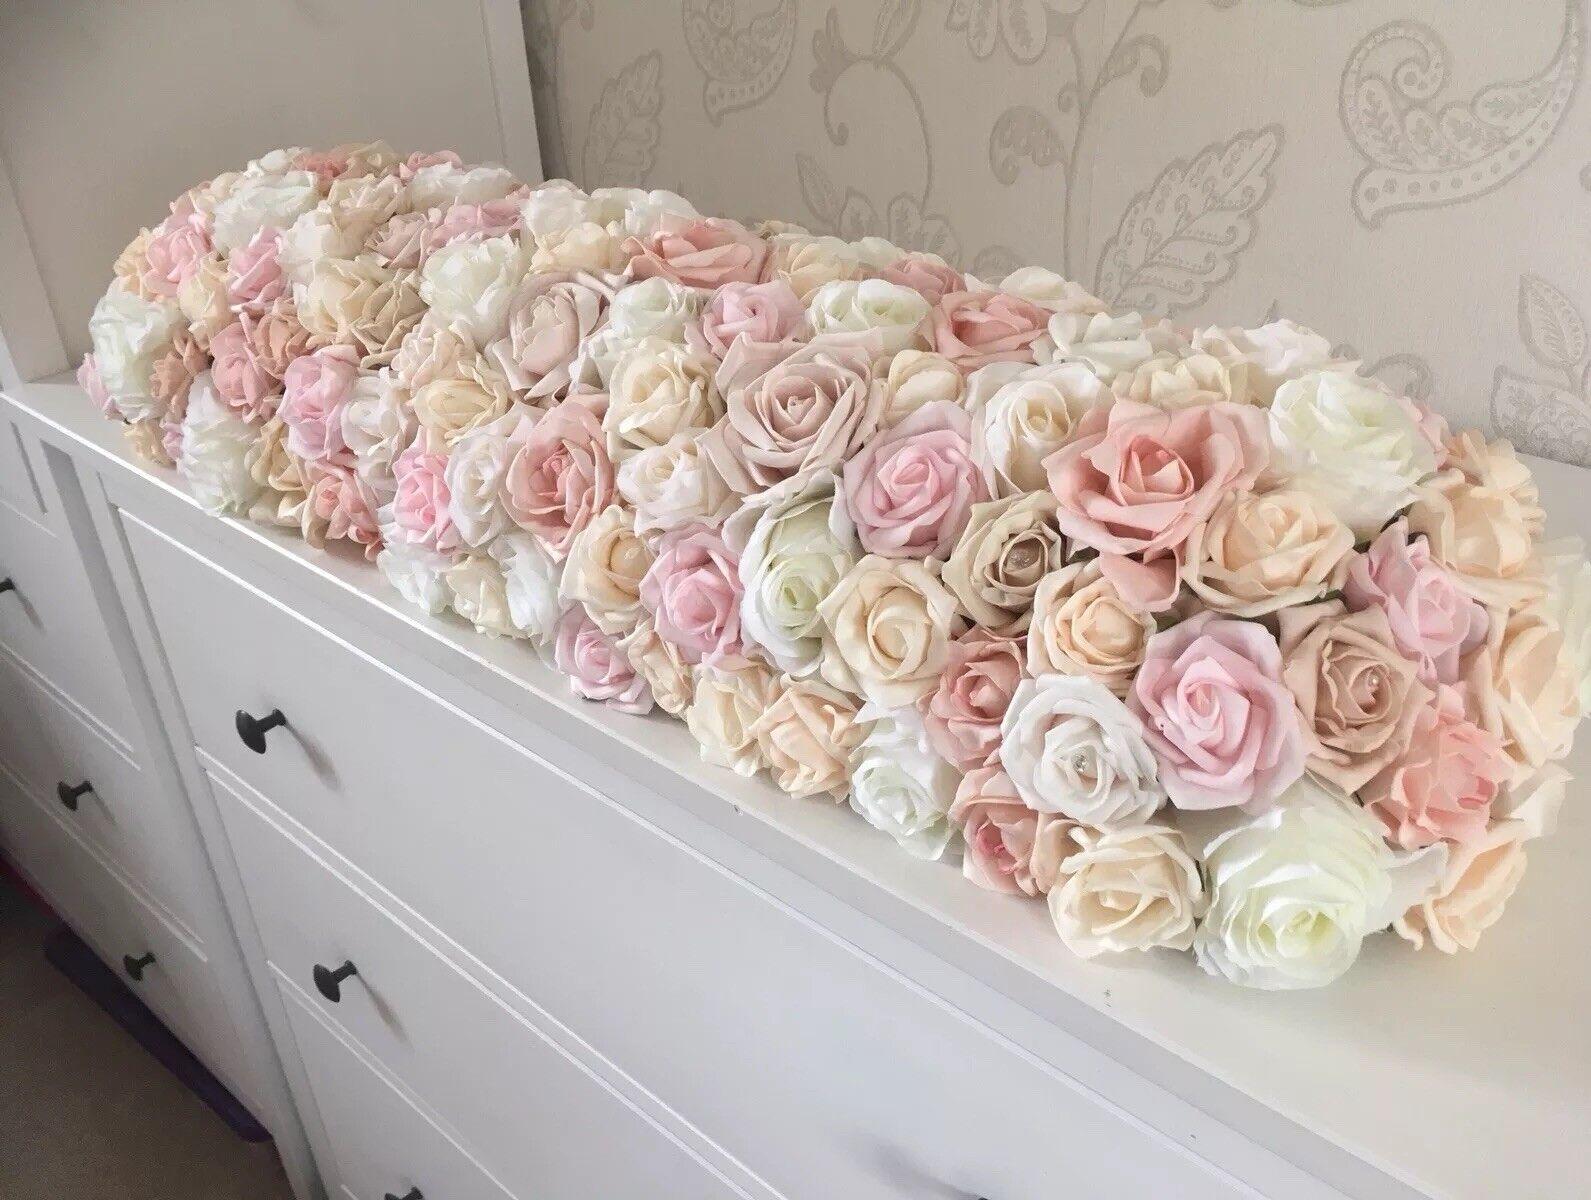 Long Bas Mariage Table Fleur Entente-Compact Roses bleush Ivoire Rose